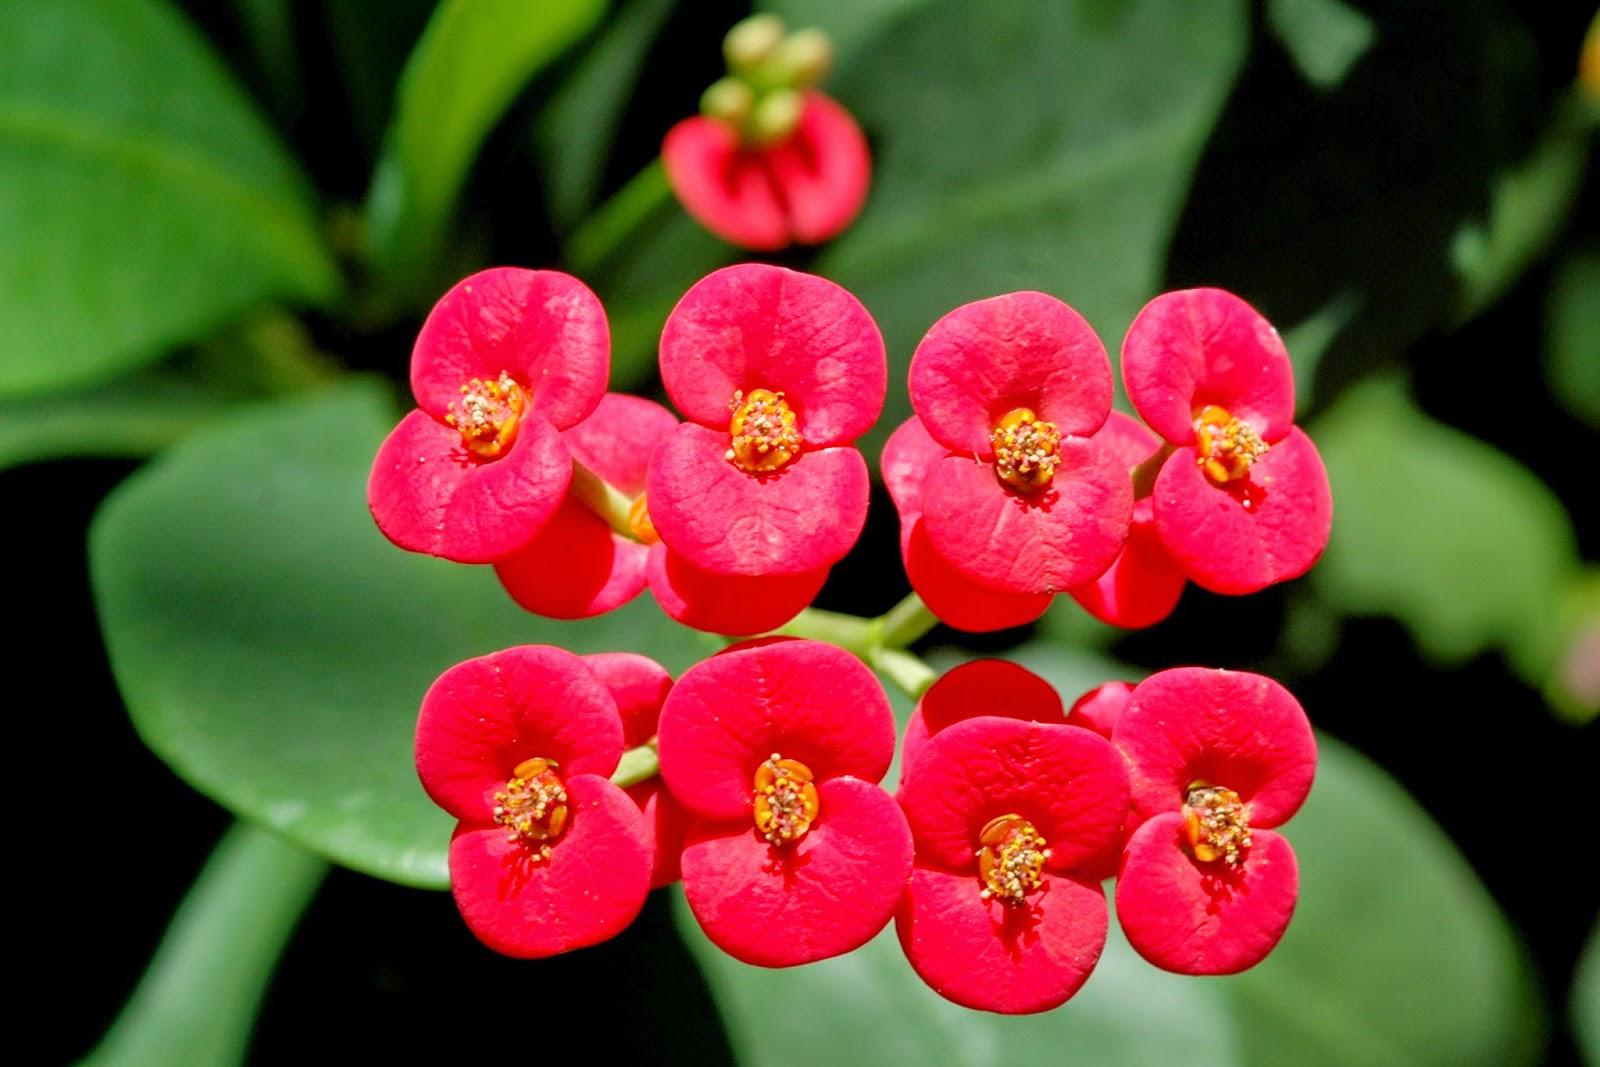 manfaat bunga eforbia dalam kesehatan